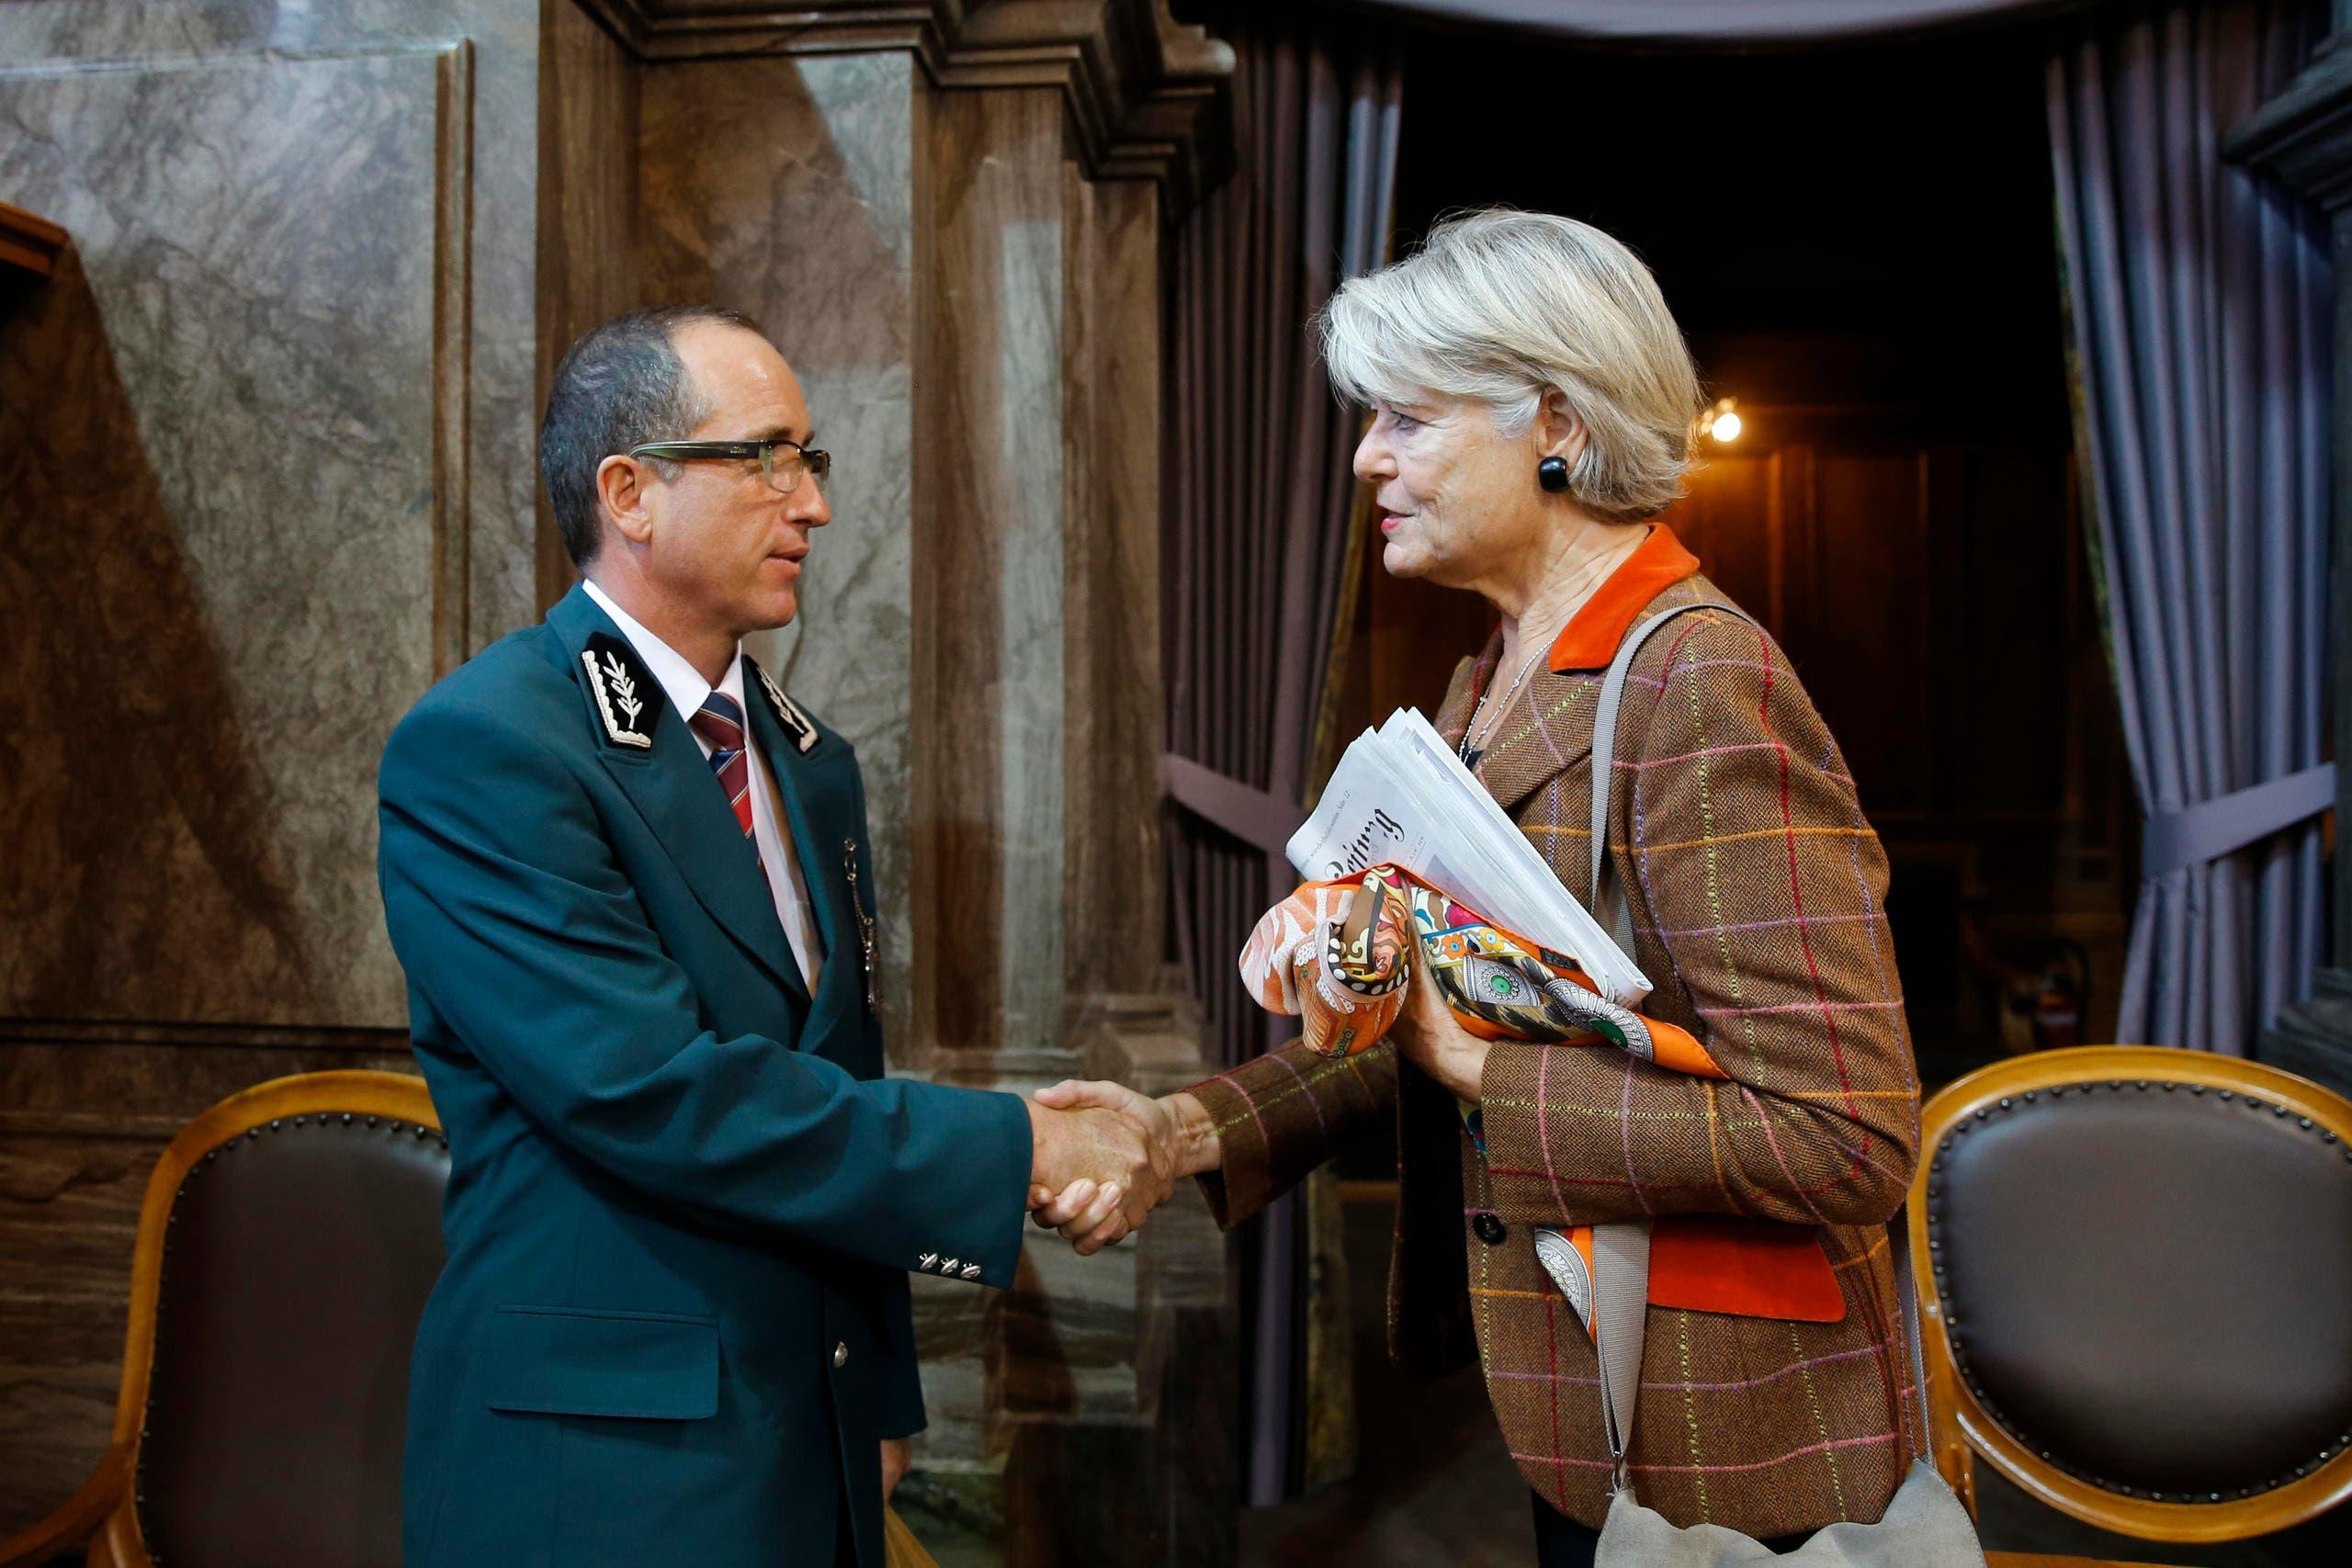 Ständerätin Verena Diener Lenz (GLP-ZH, rechts) verabschiedet sich von Ratsweibel Peter Truffer. (Bild: Peter Klaunzer / Keystone)